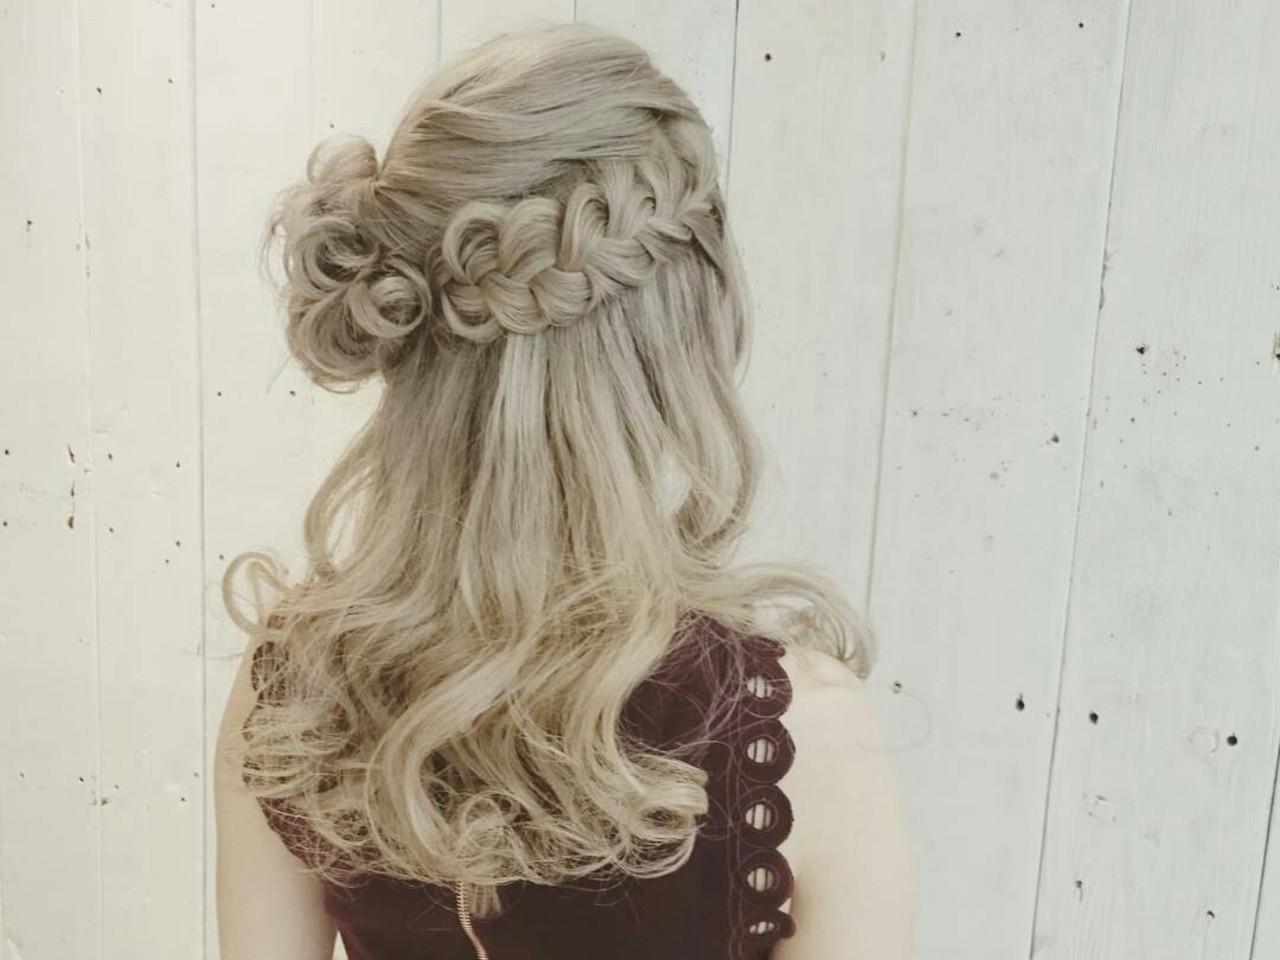 ふわふわ 結婚式 ヘアアレンジ ガーリー ヘアスタイルや髪型の写真・画像